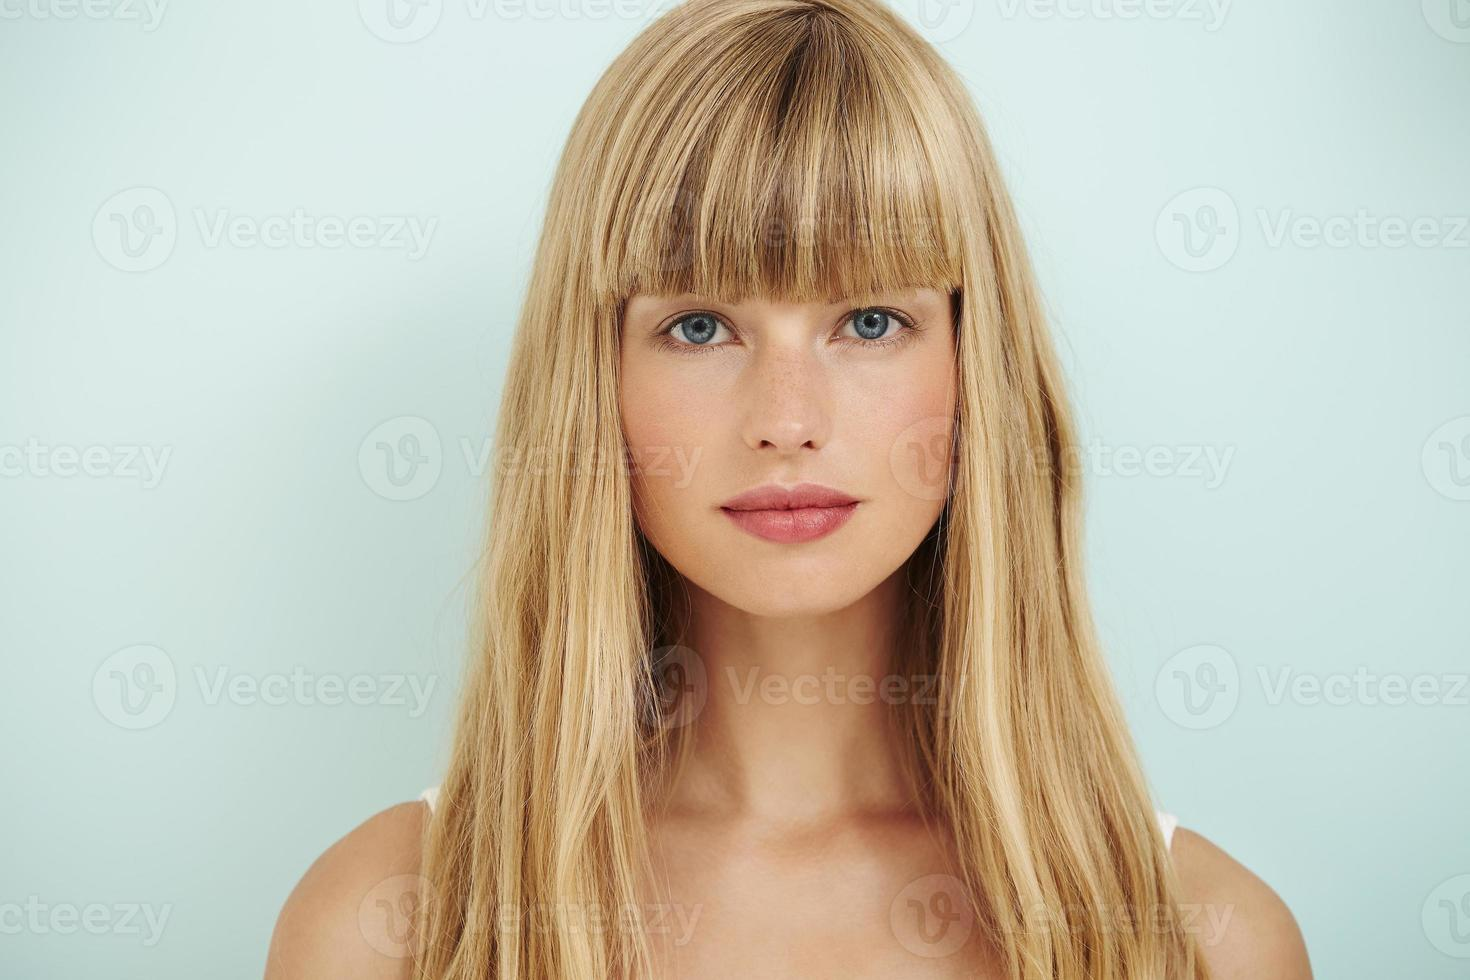 jonge blonde vrouw op blauw foto